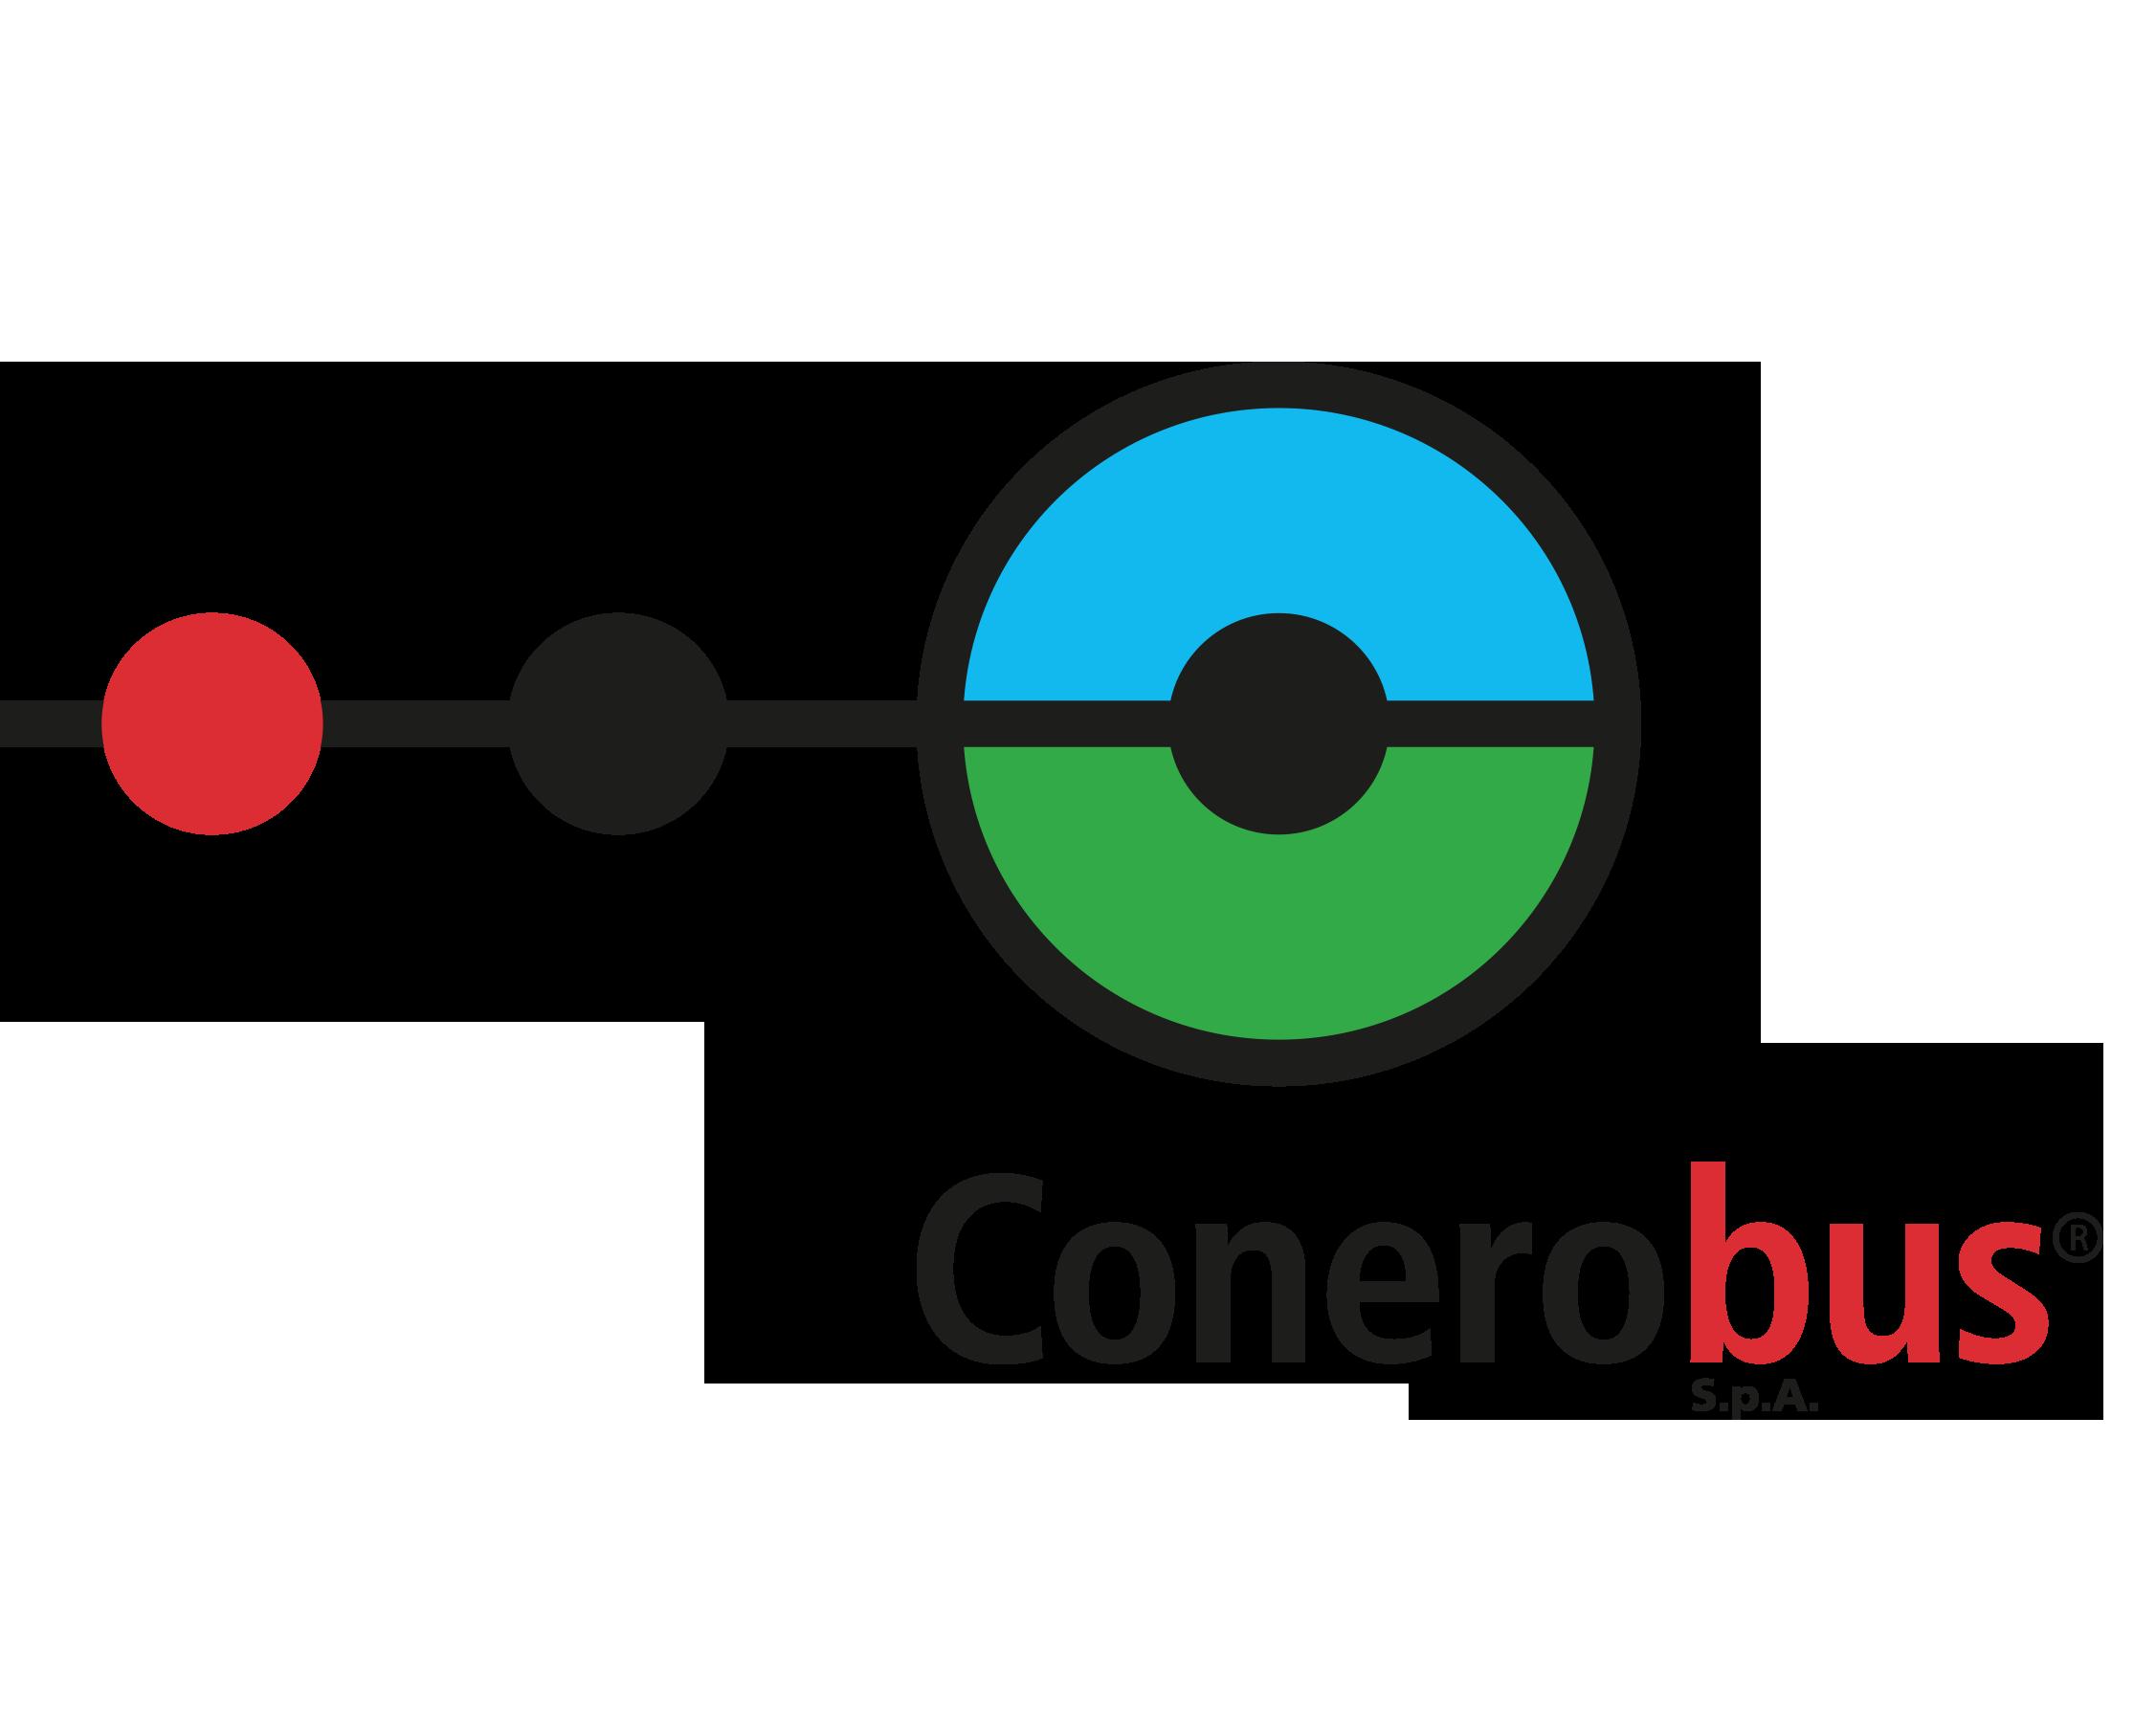 Conerobus SpA logo